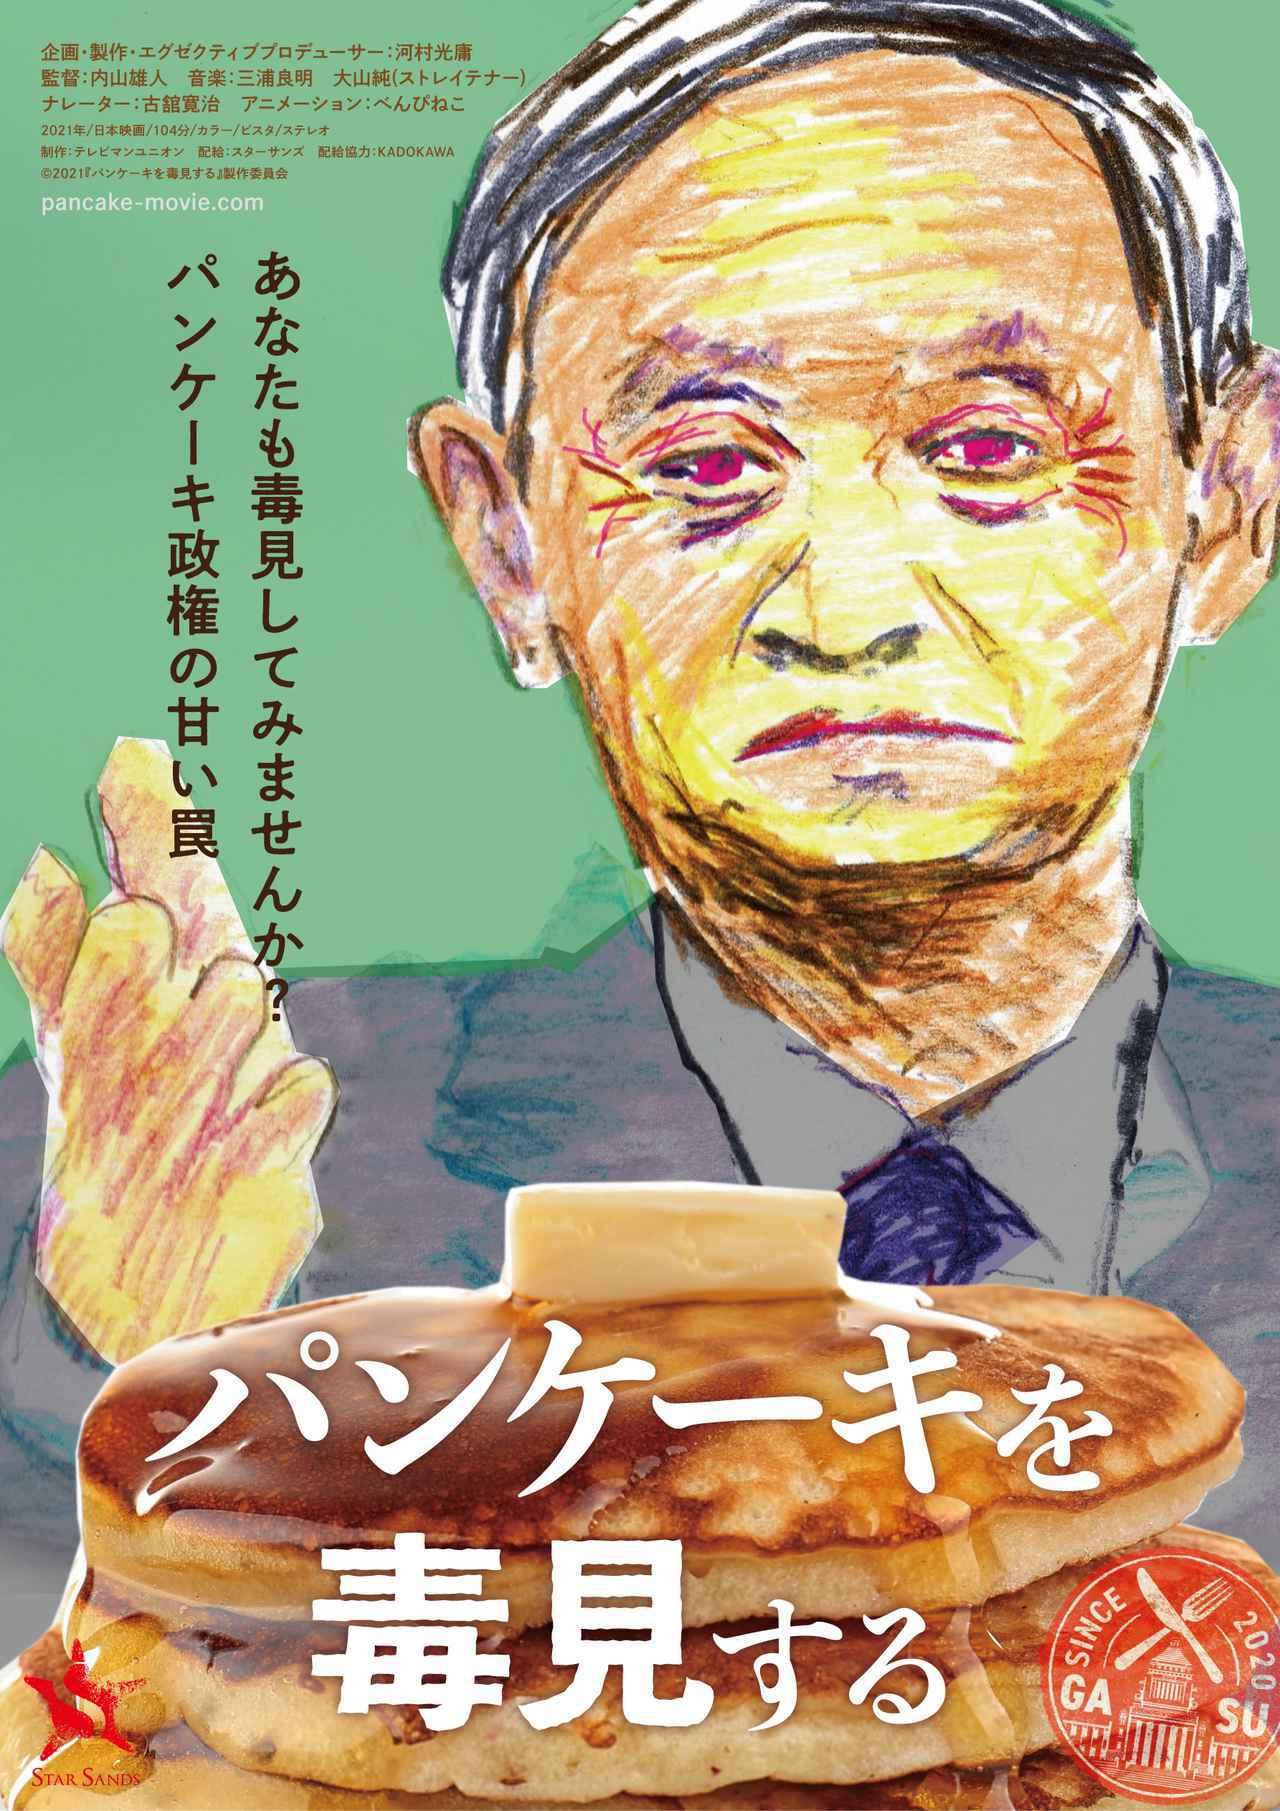 画像2: ©2021『パンケーキを毒見する』製作委員会